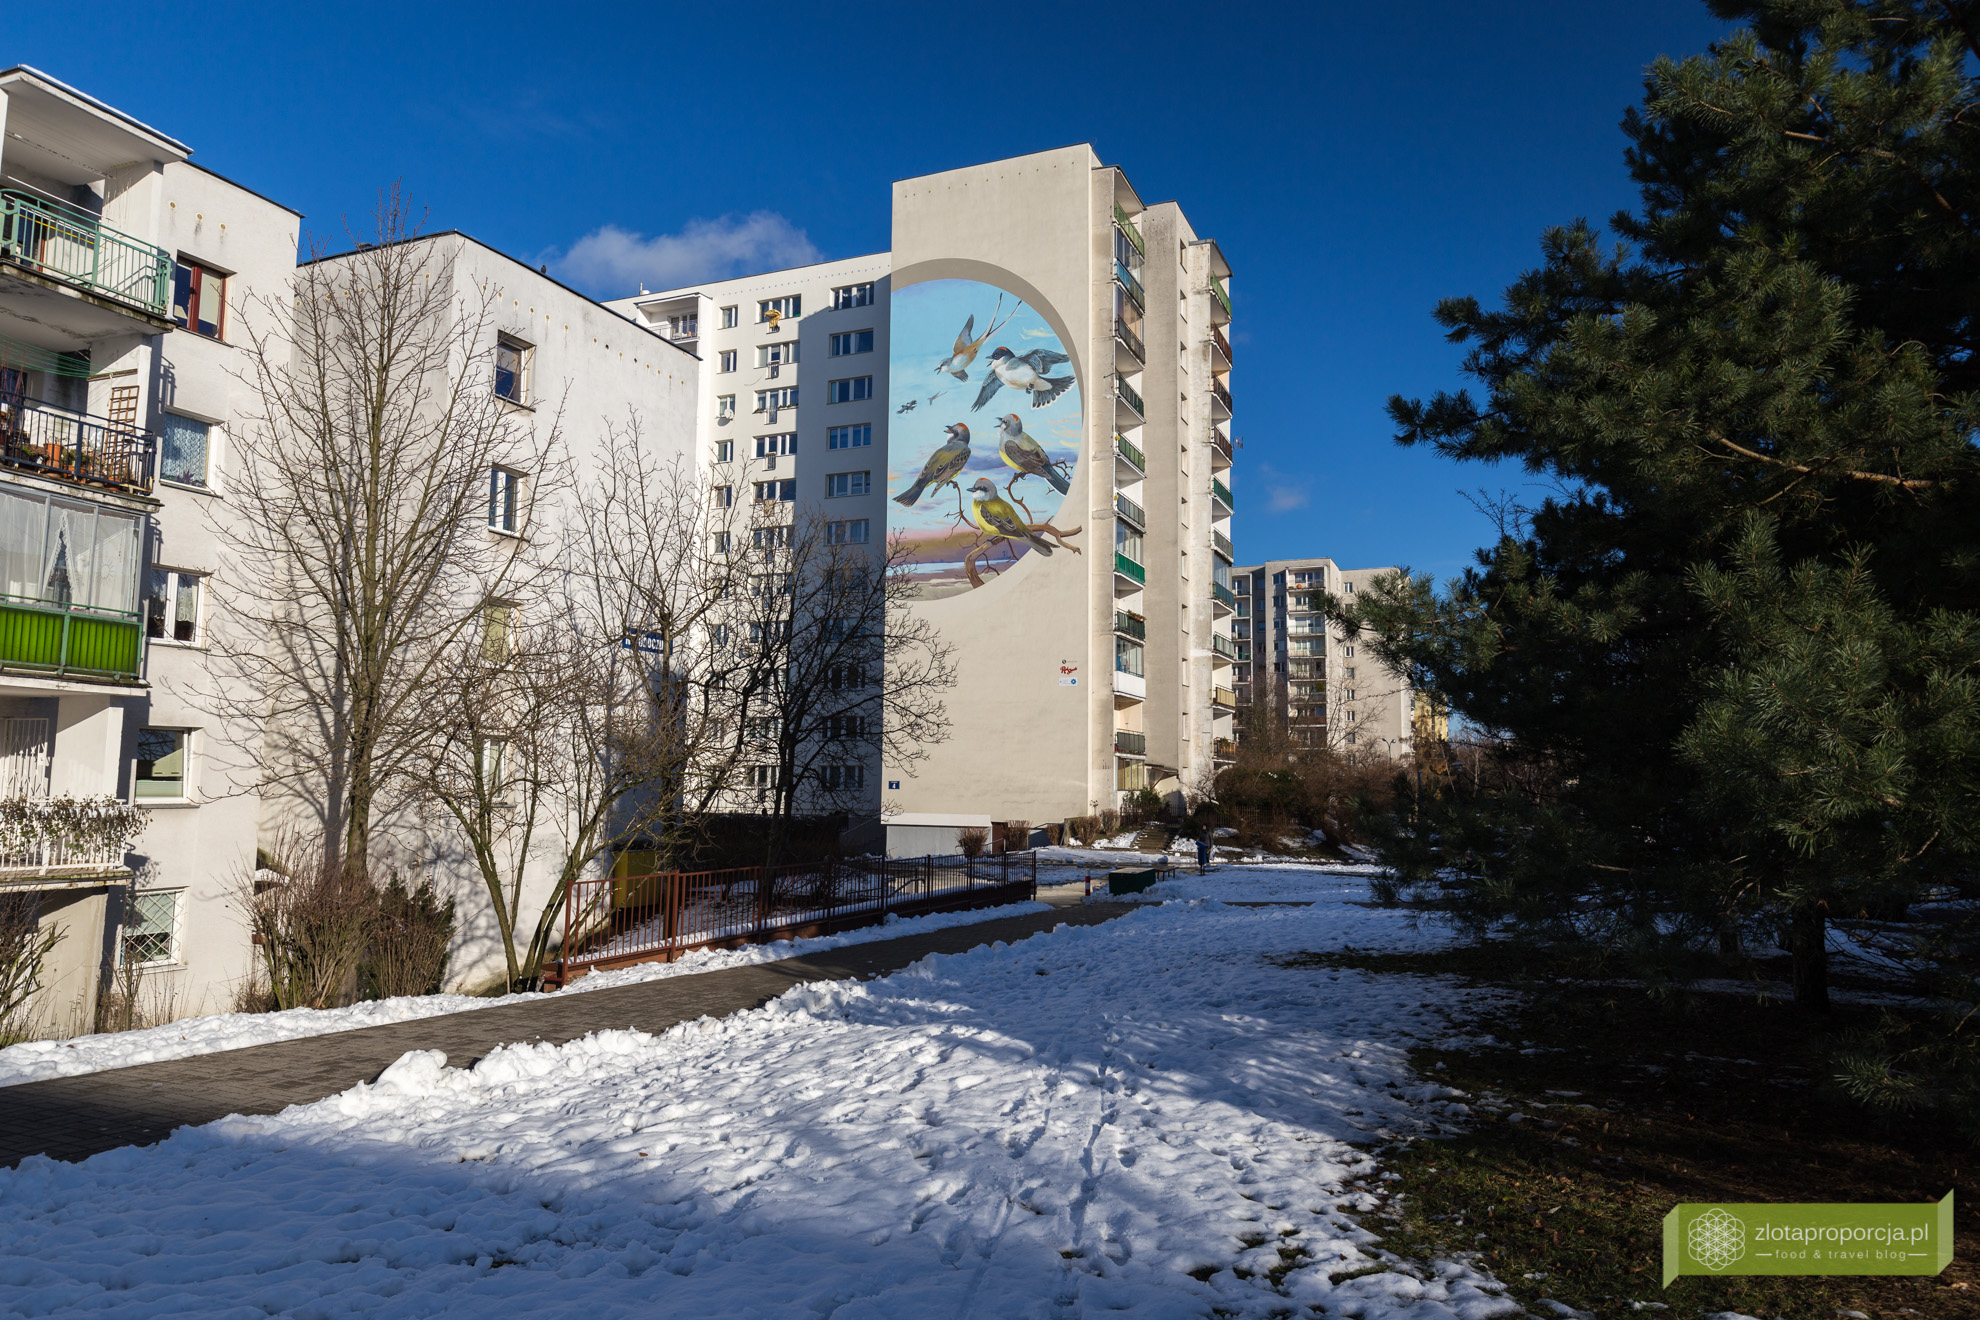 Ursynowskie murale i ptasie mieszkania na pustych cianach for Mural alternatywy 4